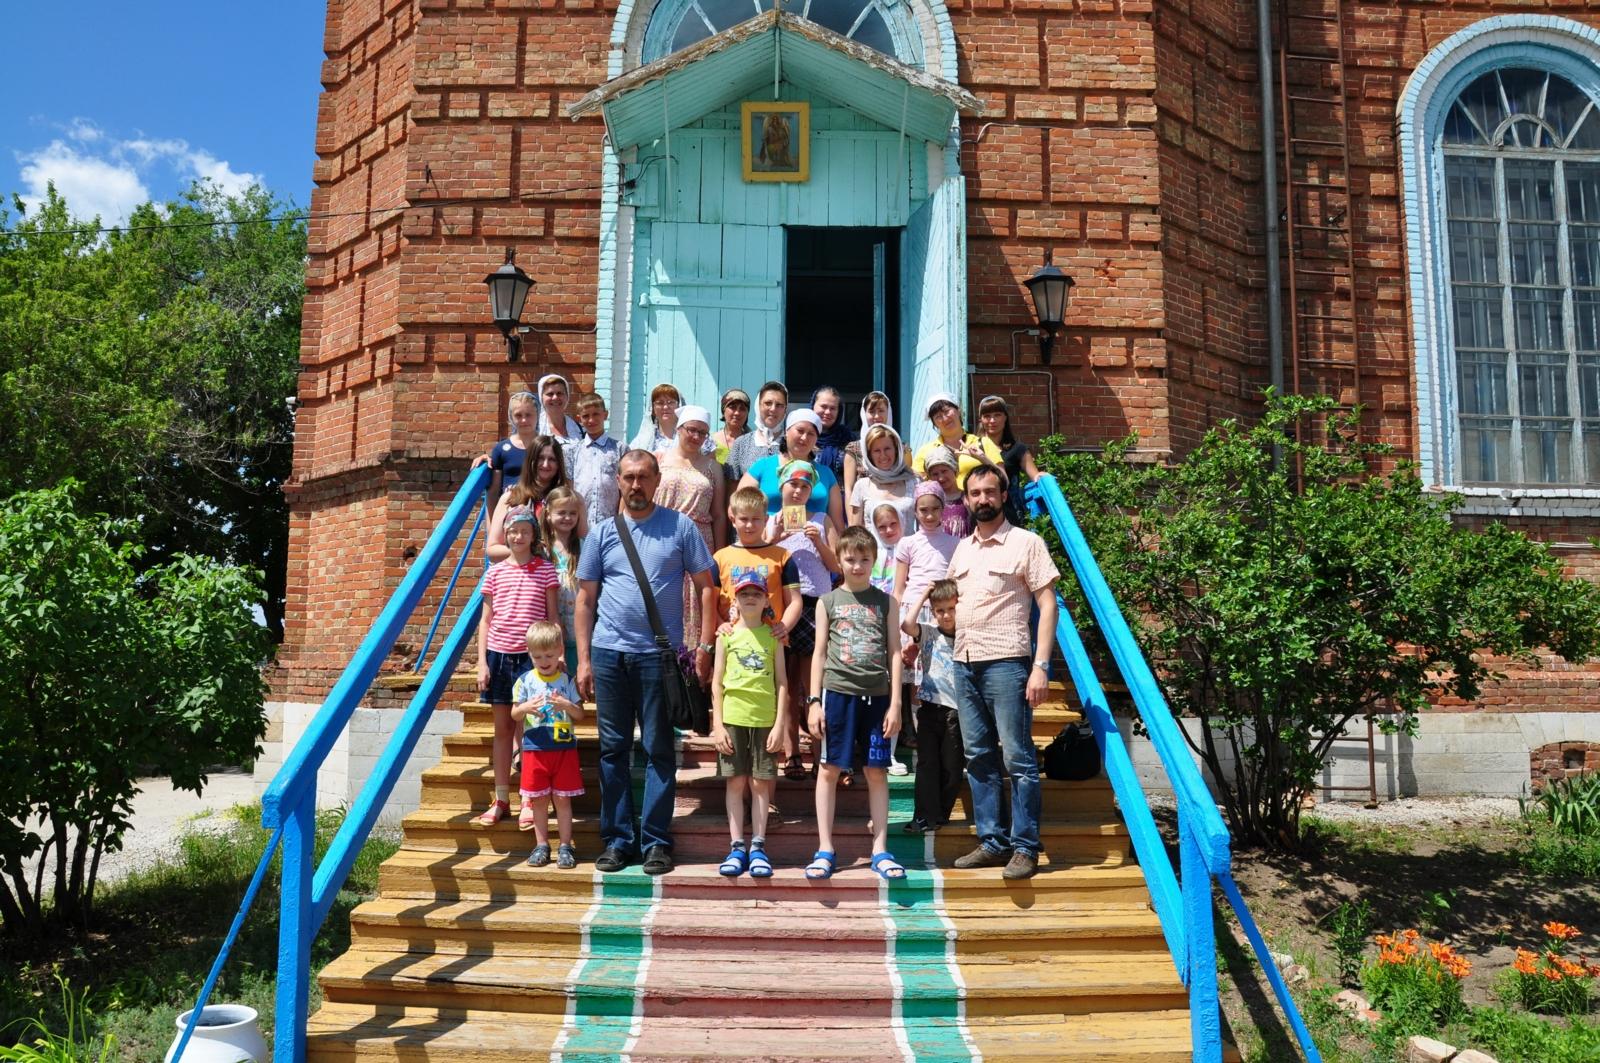 Экскурсия в каменск-уральский - столицу колокольного звона